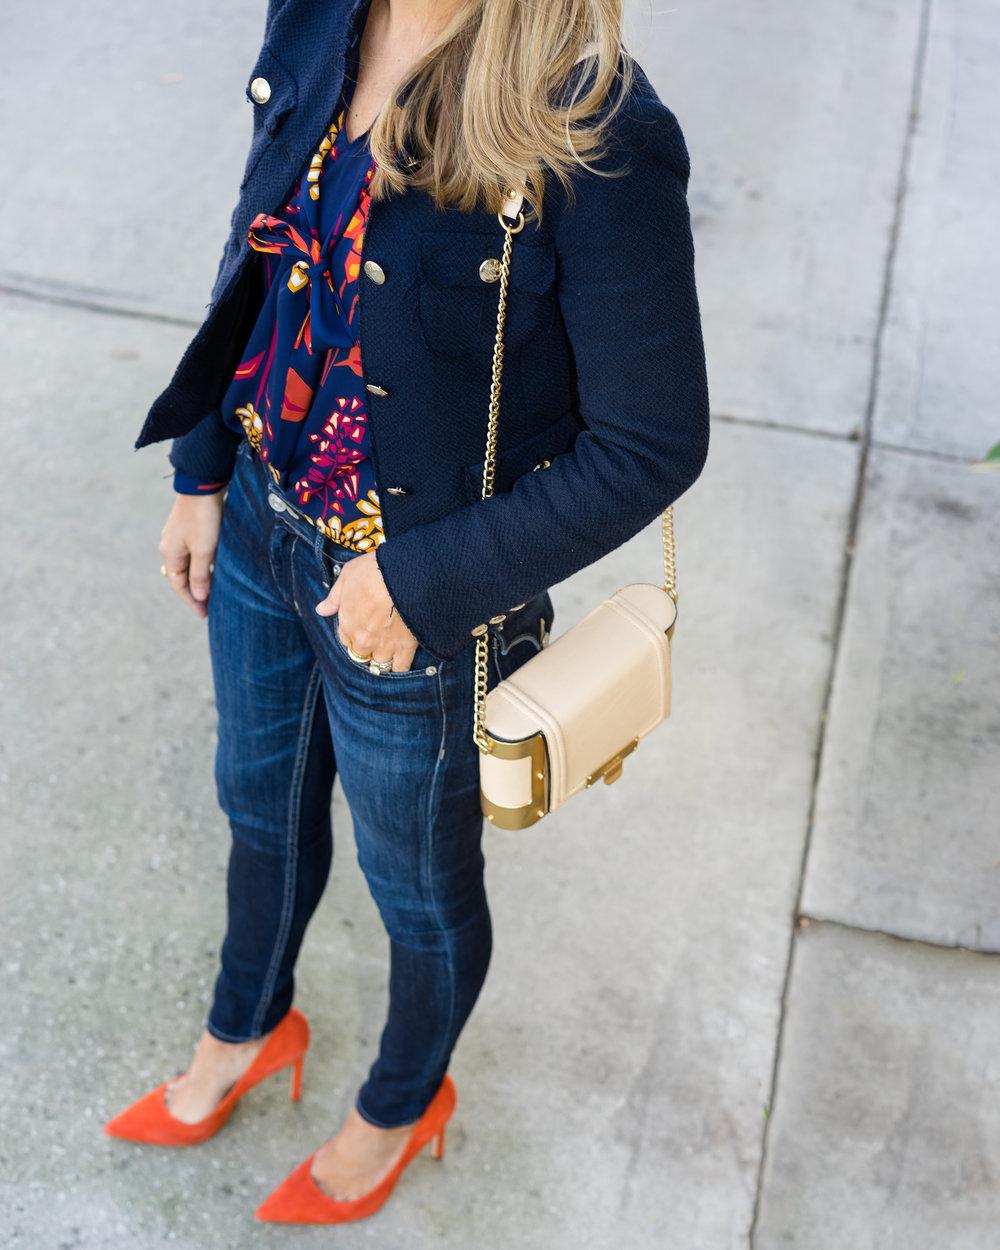 Tweed jacket, bow blouse, dark denim, orange heels